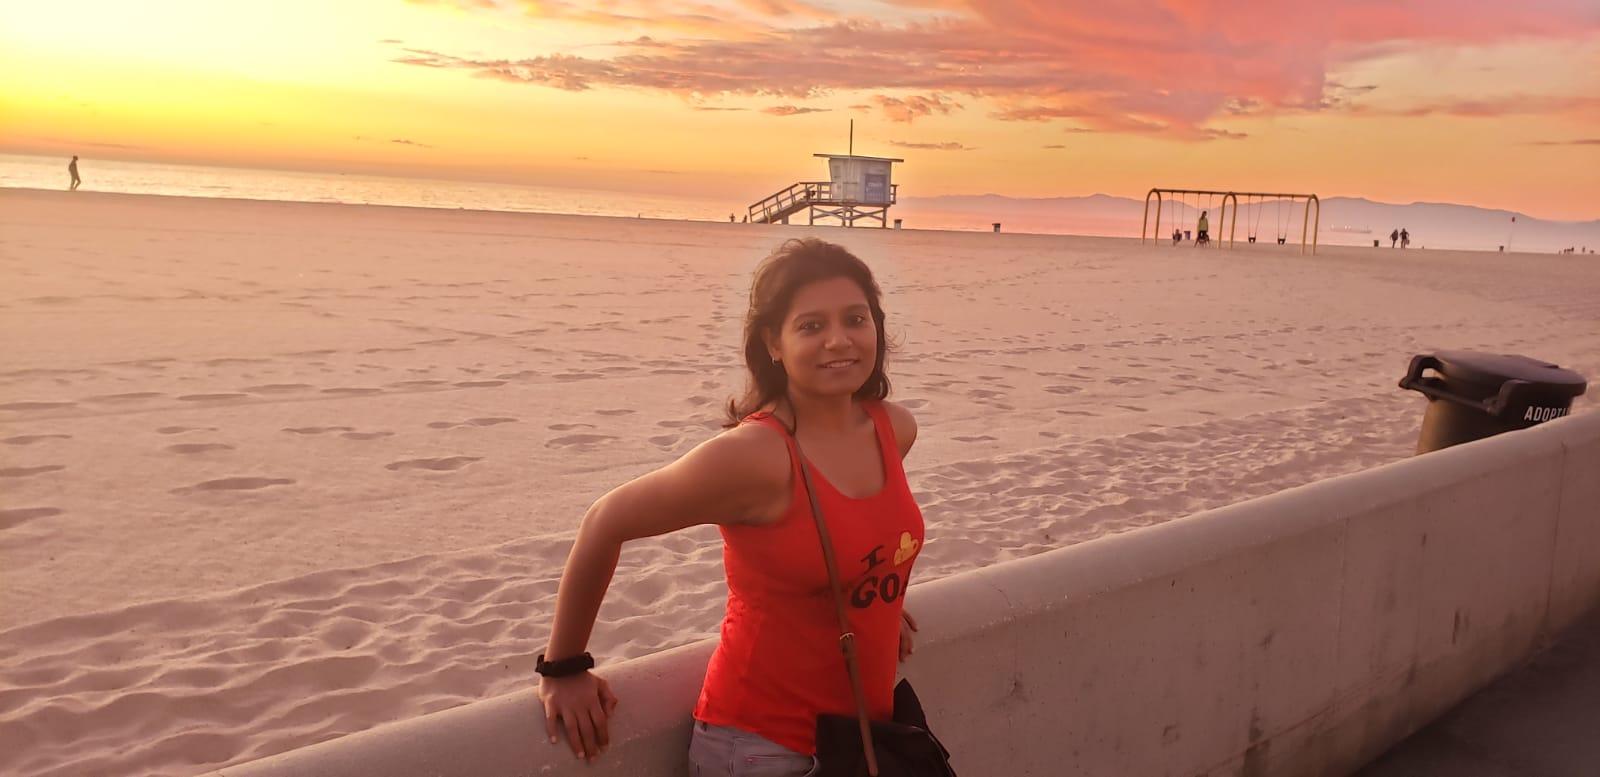 Sunset at Playa Hermosa, LA